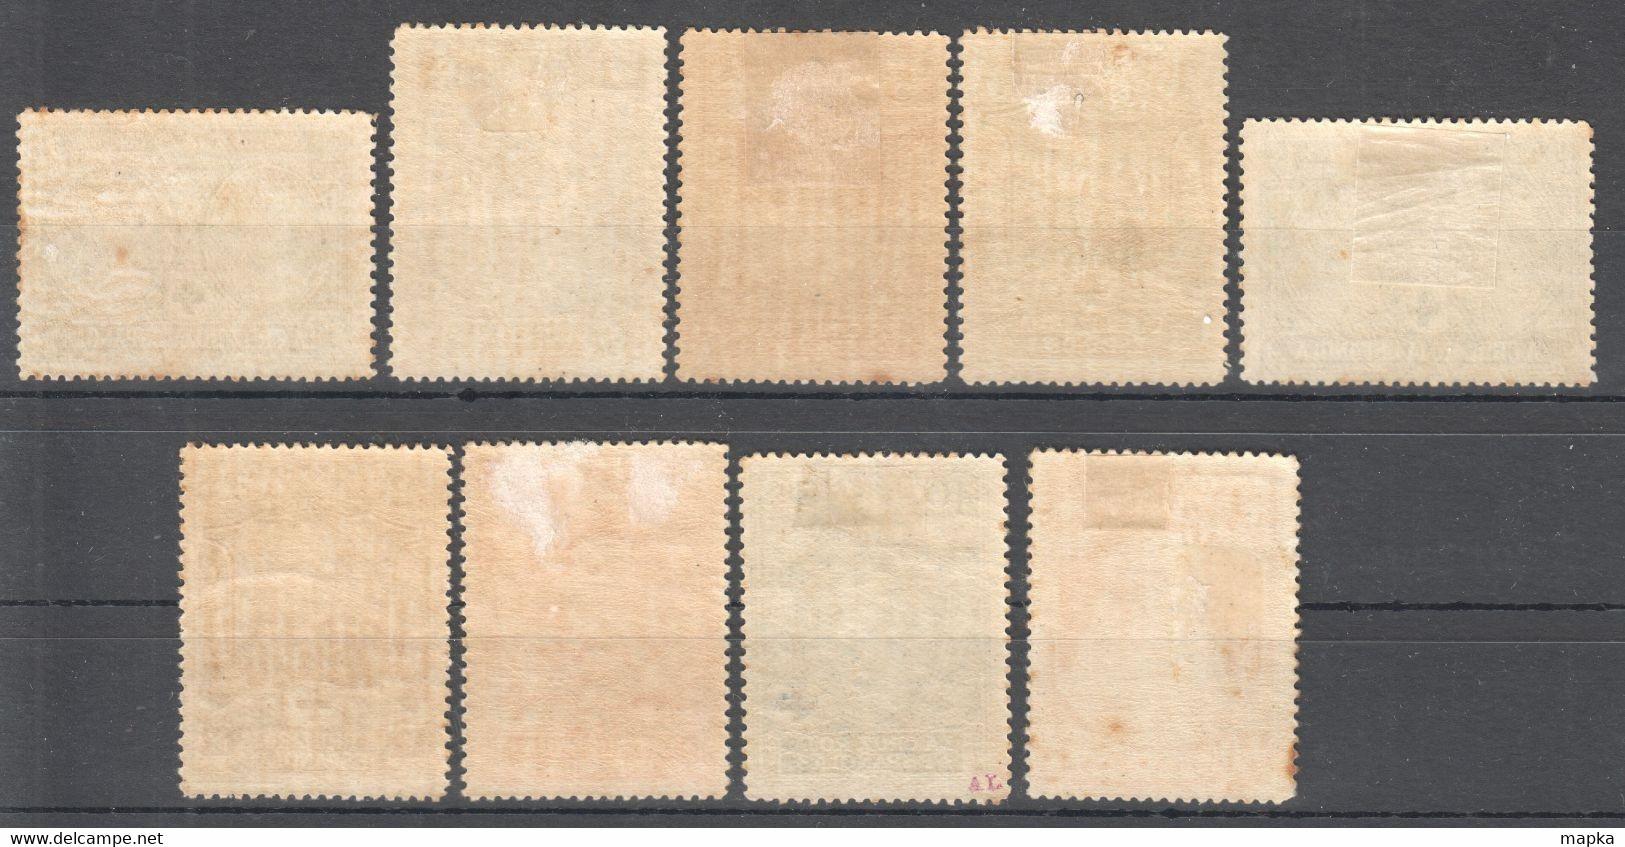 SP092 1926 SPAIN KINGDOM ALPHONSE XIII RED CROSS MICHEL #298-304,306,307 144 EURO 9ST LH - Ungebraucht